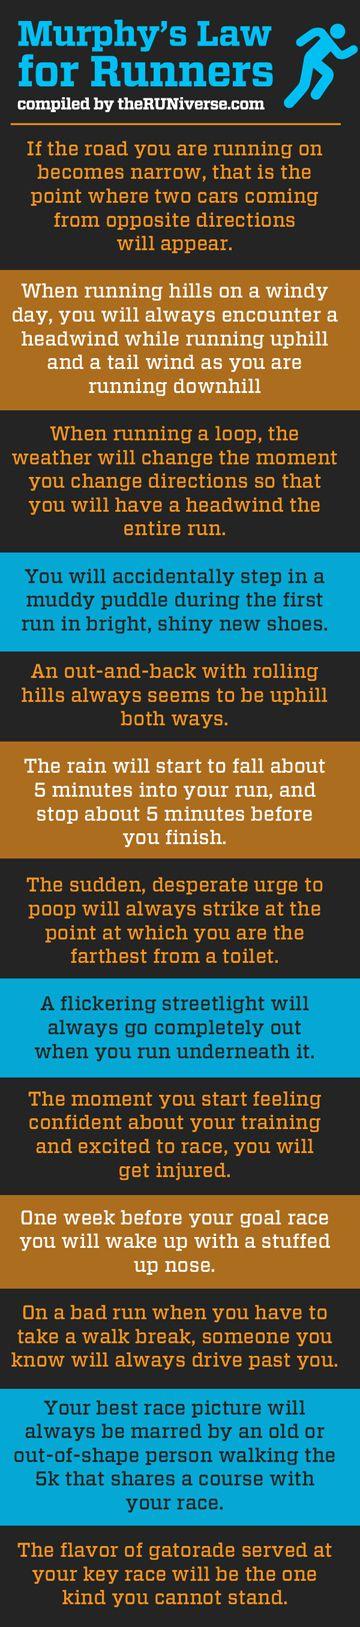 Hahahahahaha! So very, very true. :)